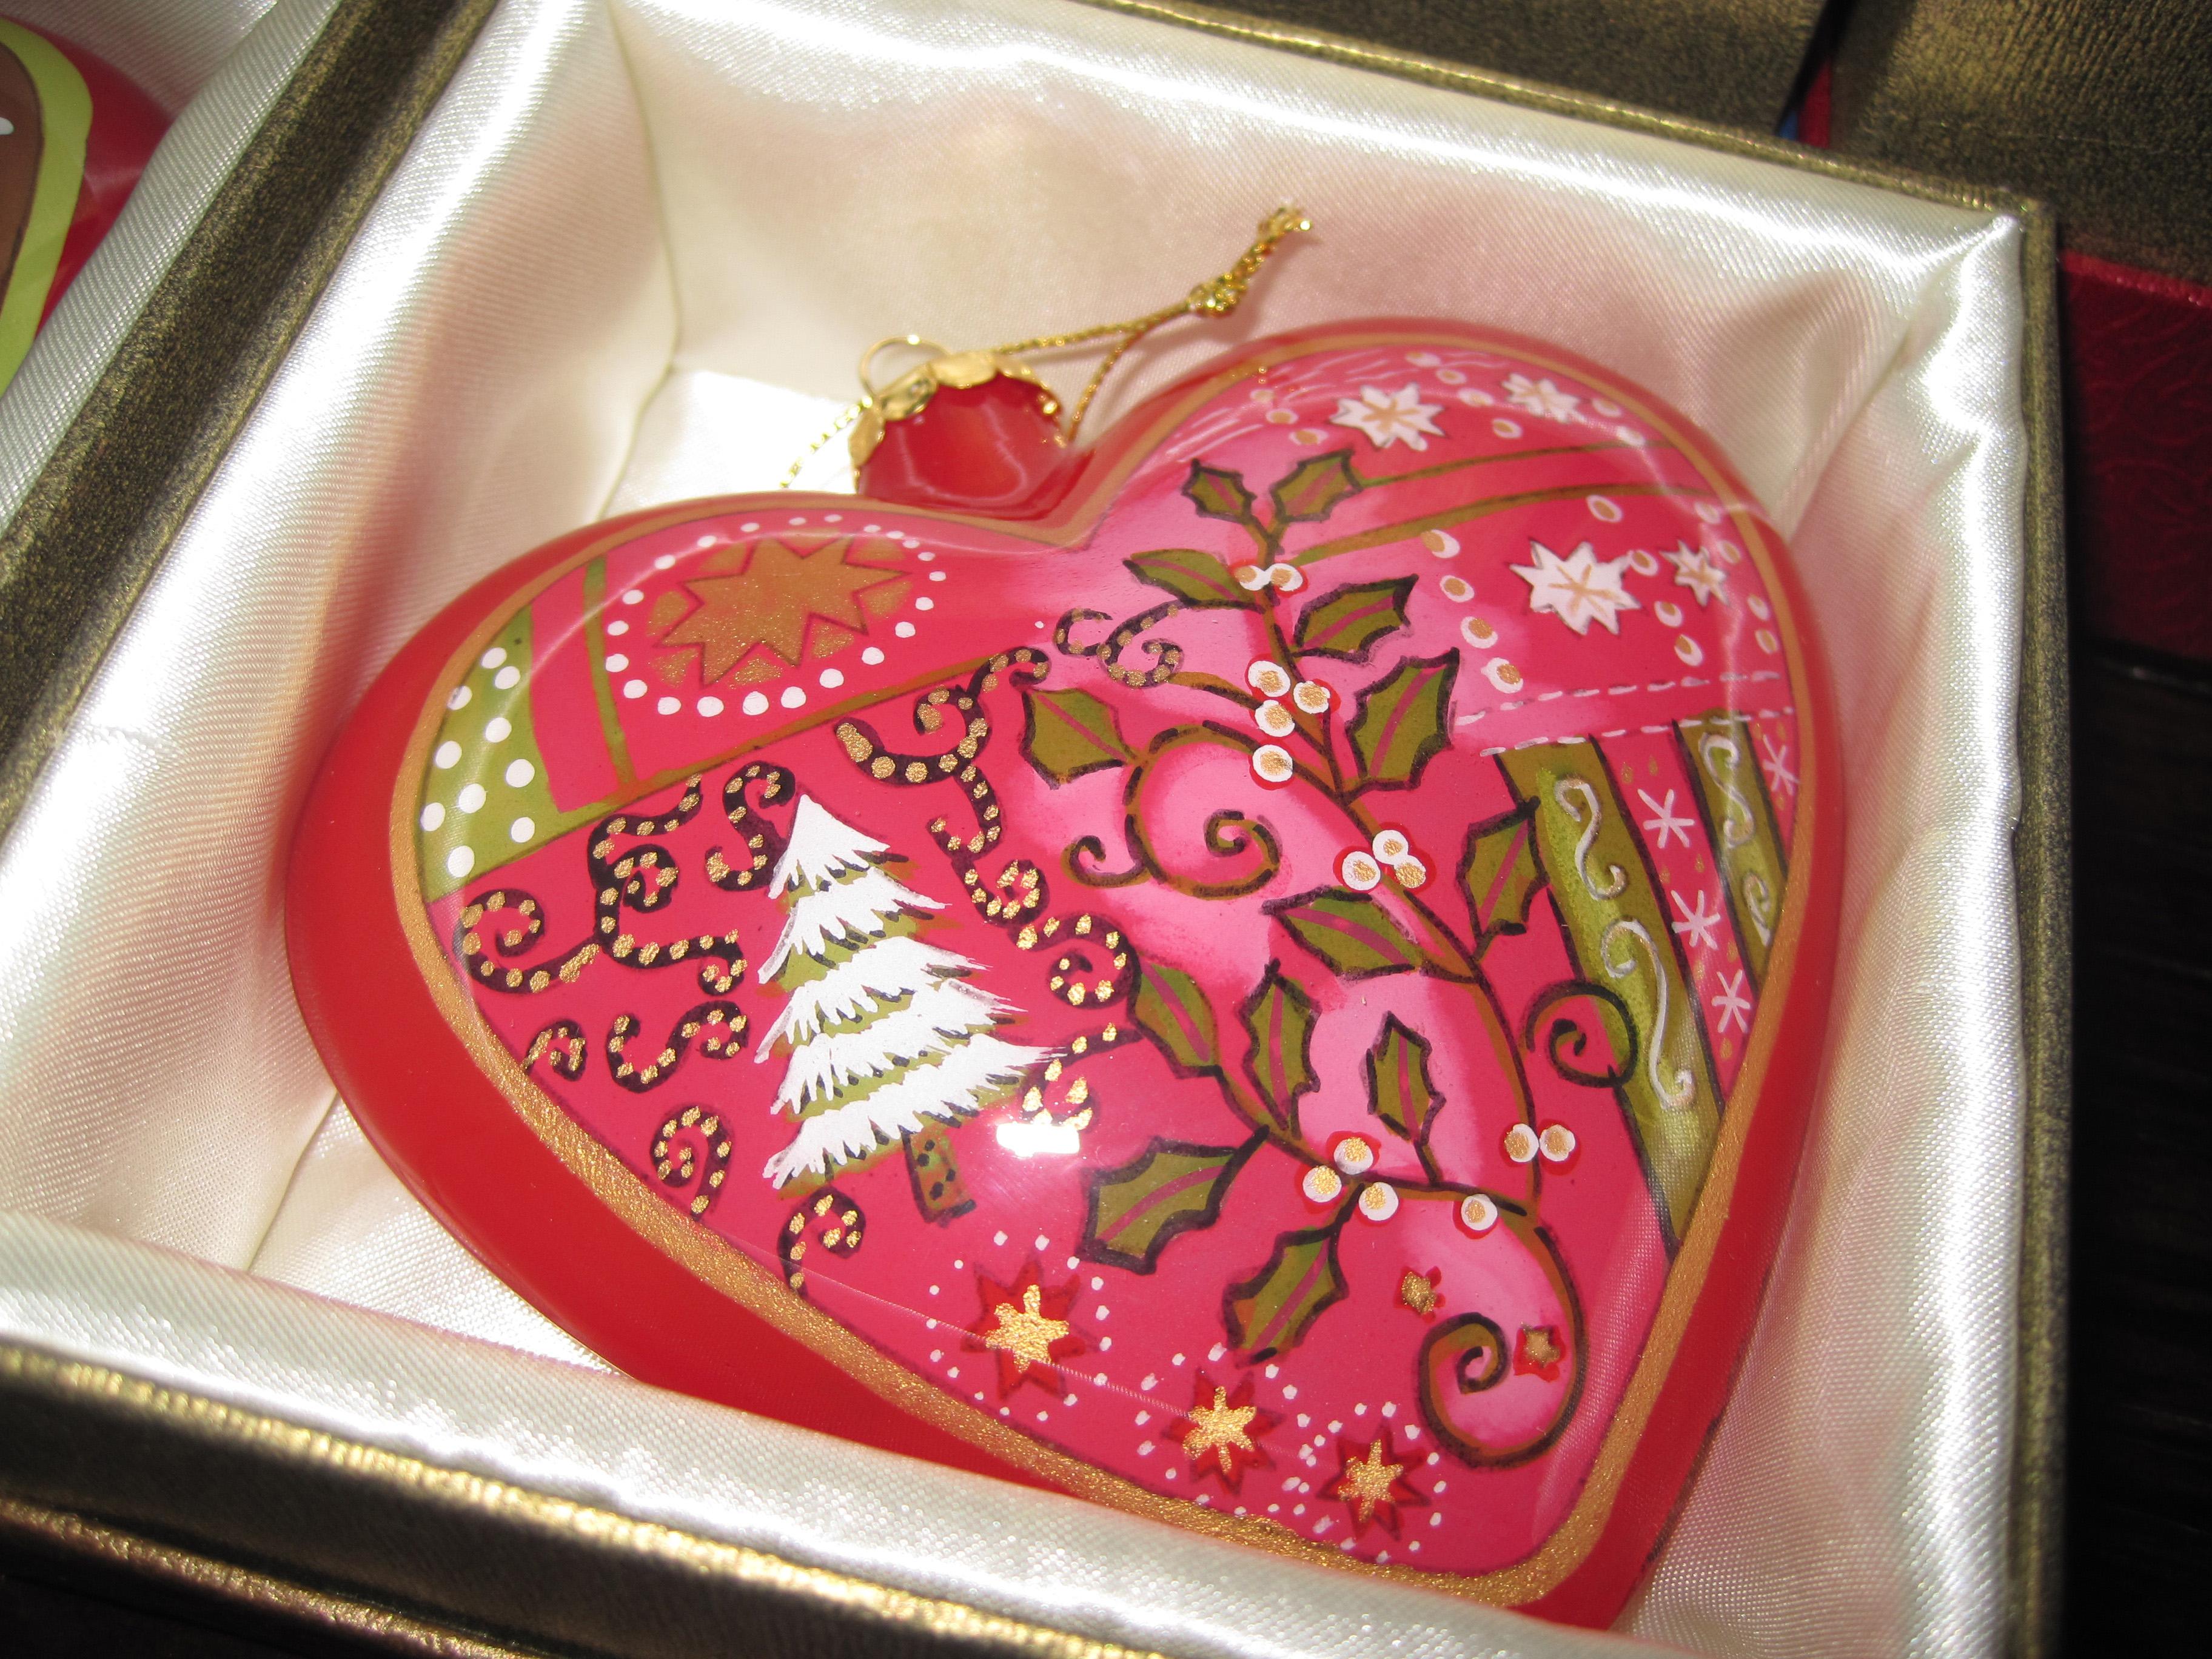 Pier 1 Li Bien Heart Ornament 2004 Reissue